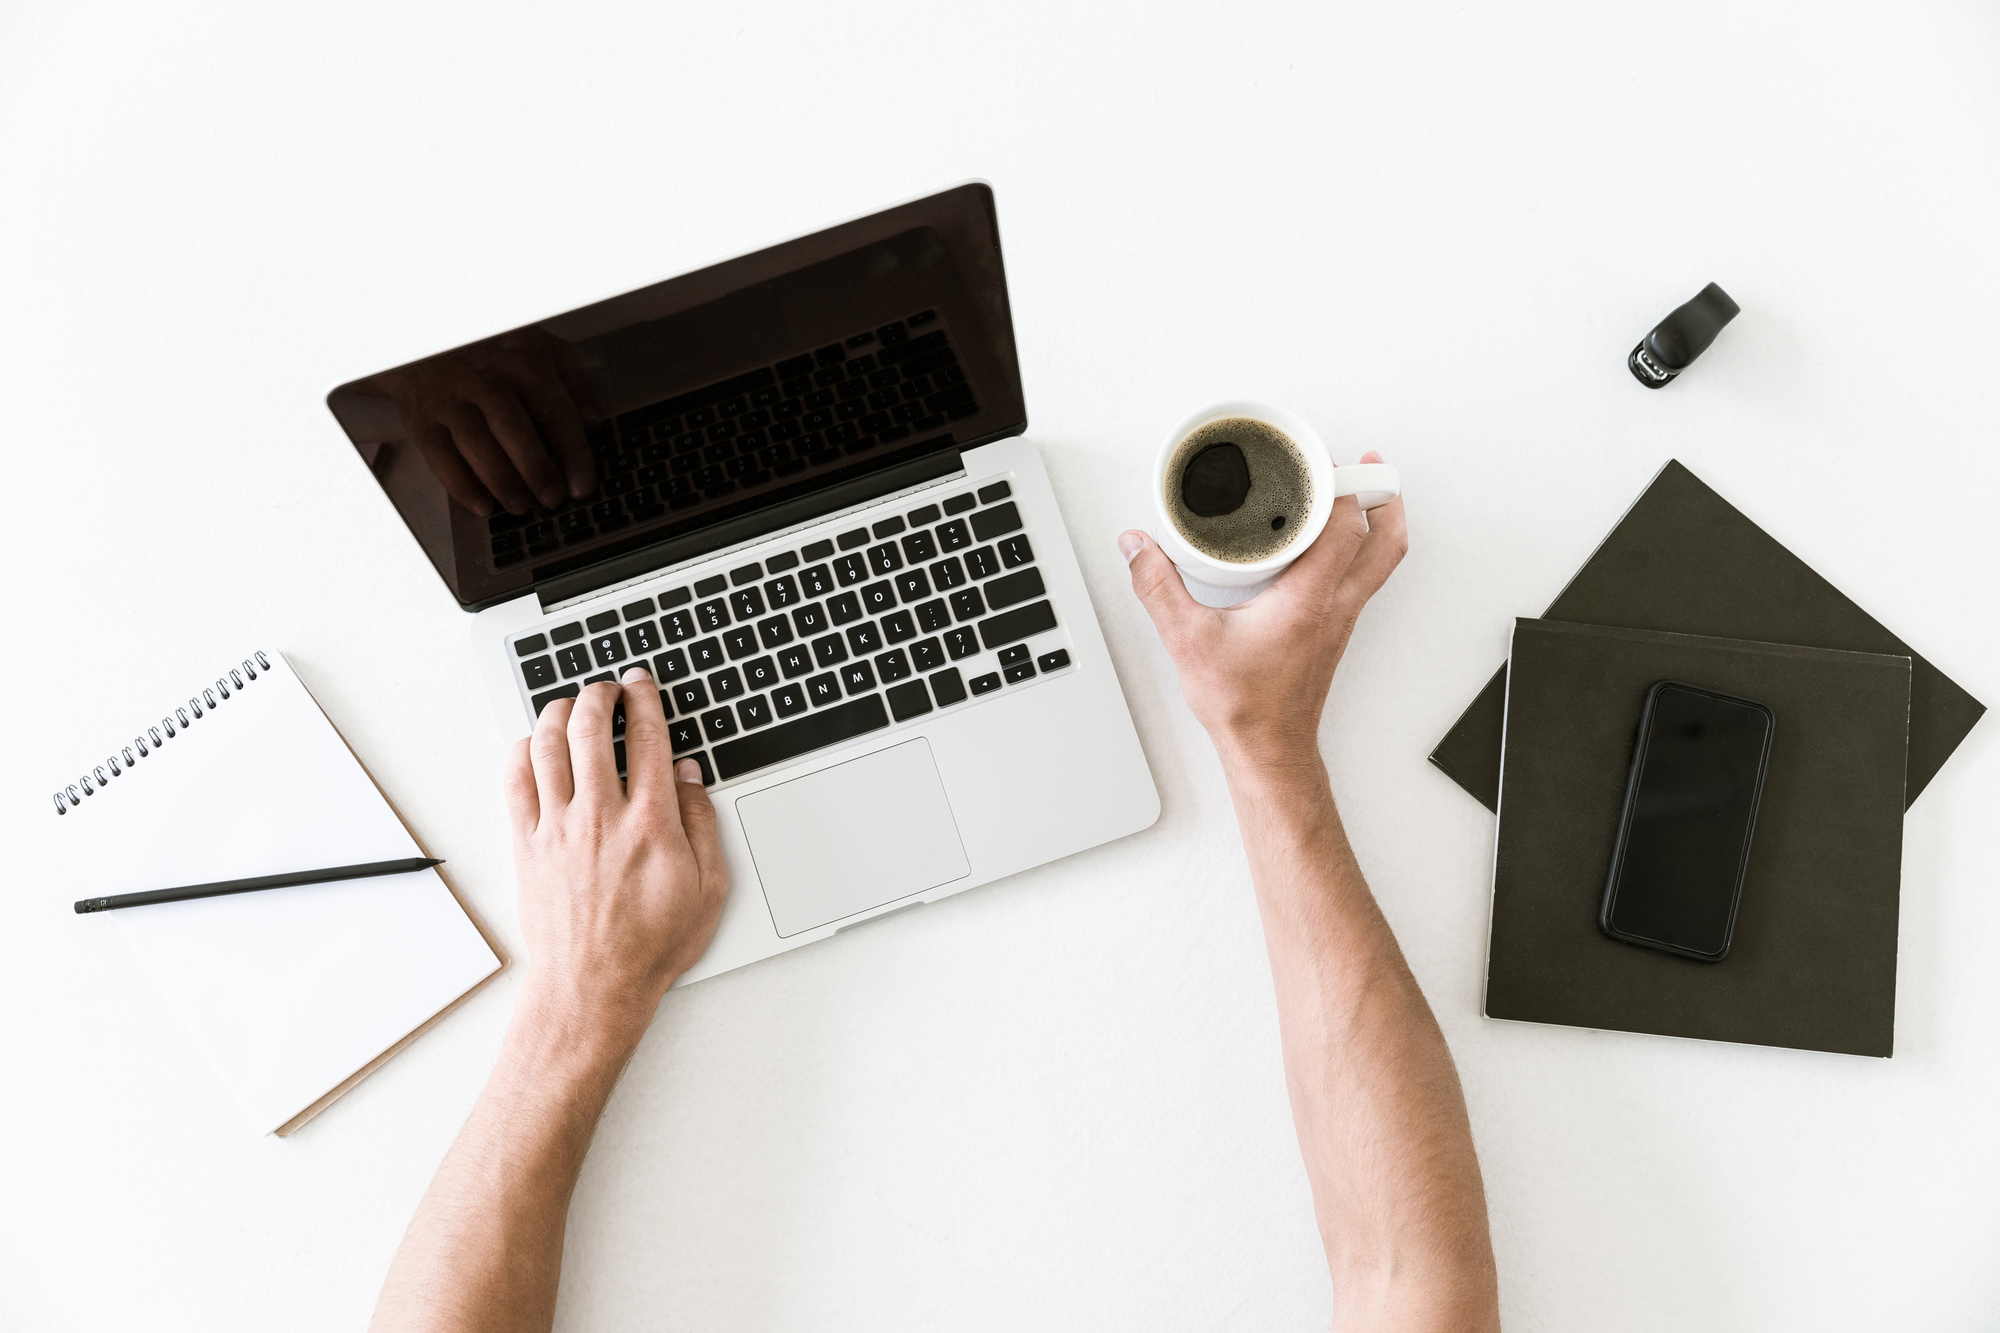 Cómo hacer llegar un libro a una editorial